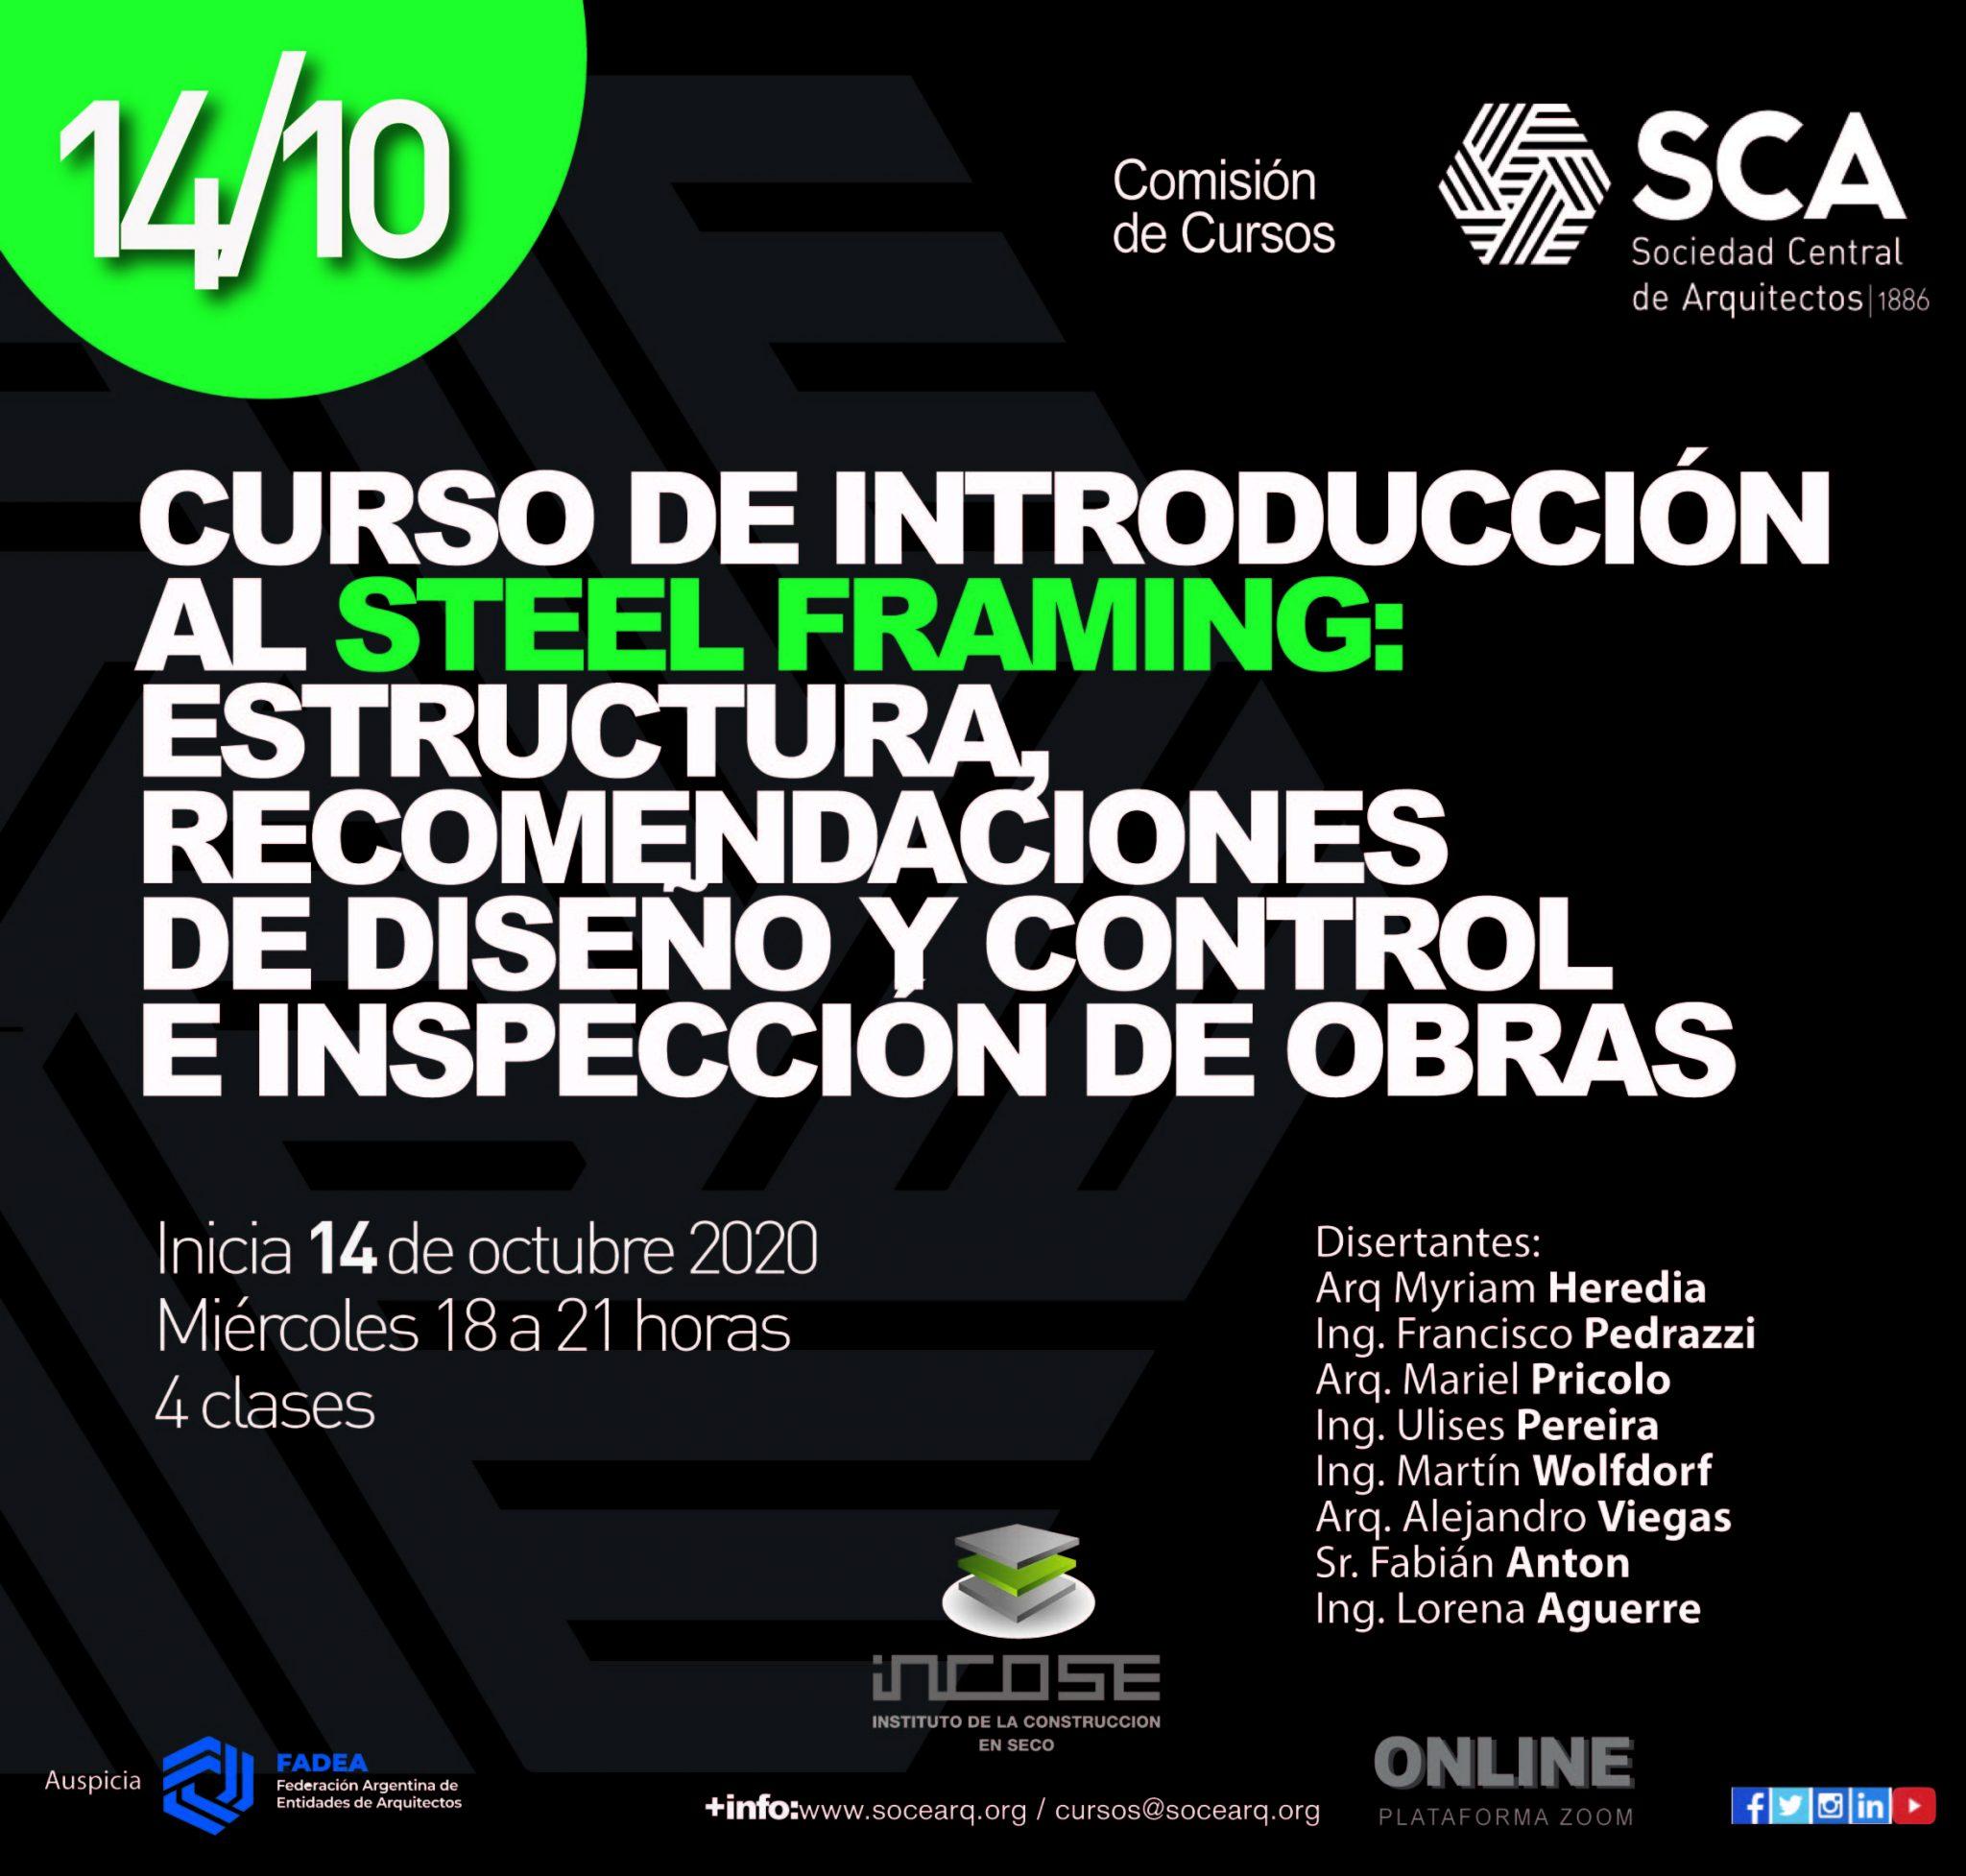 CURSO DE INTRODUCCIÓN AL STEEL FRAMING: INCOSE & SCA